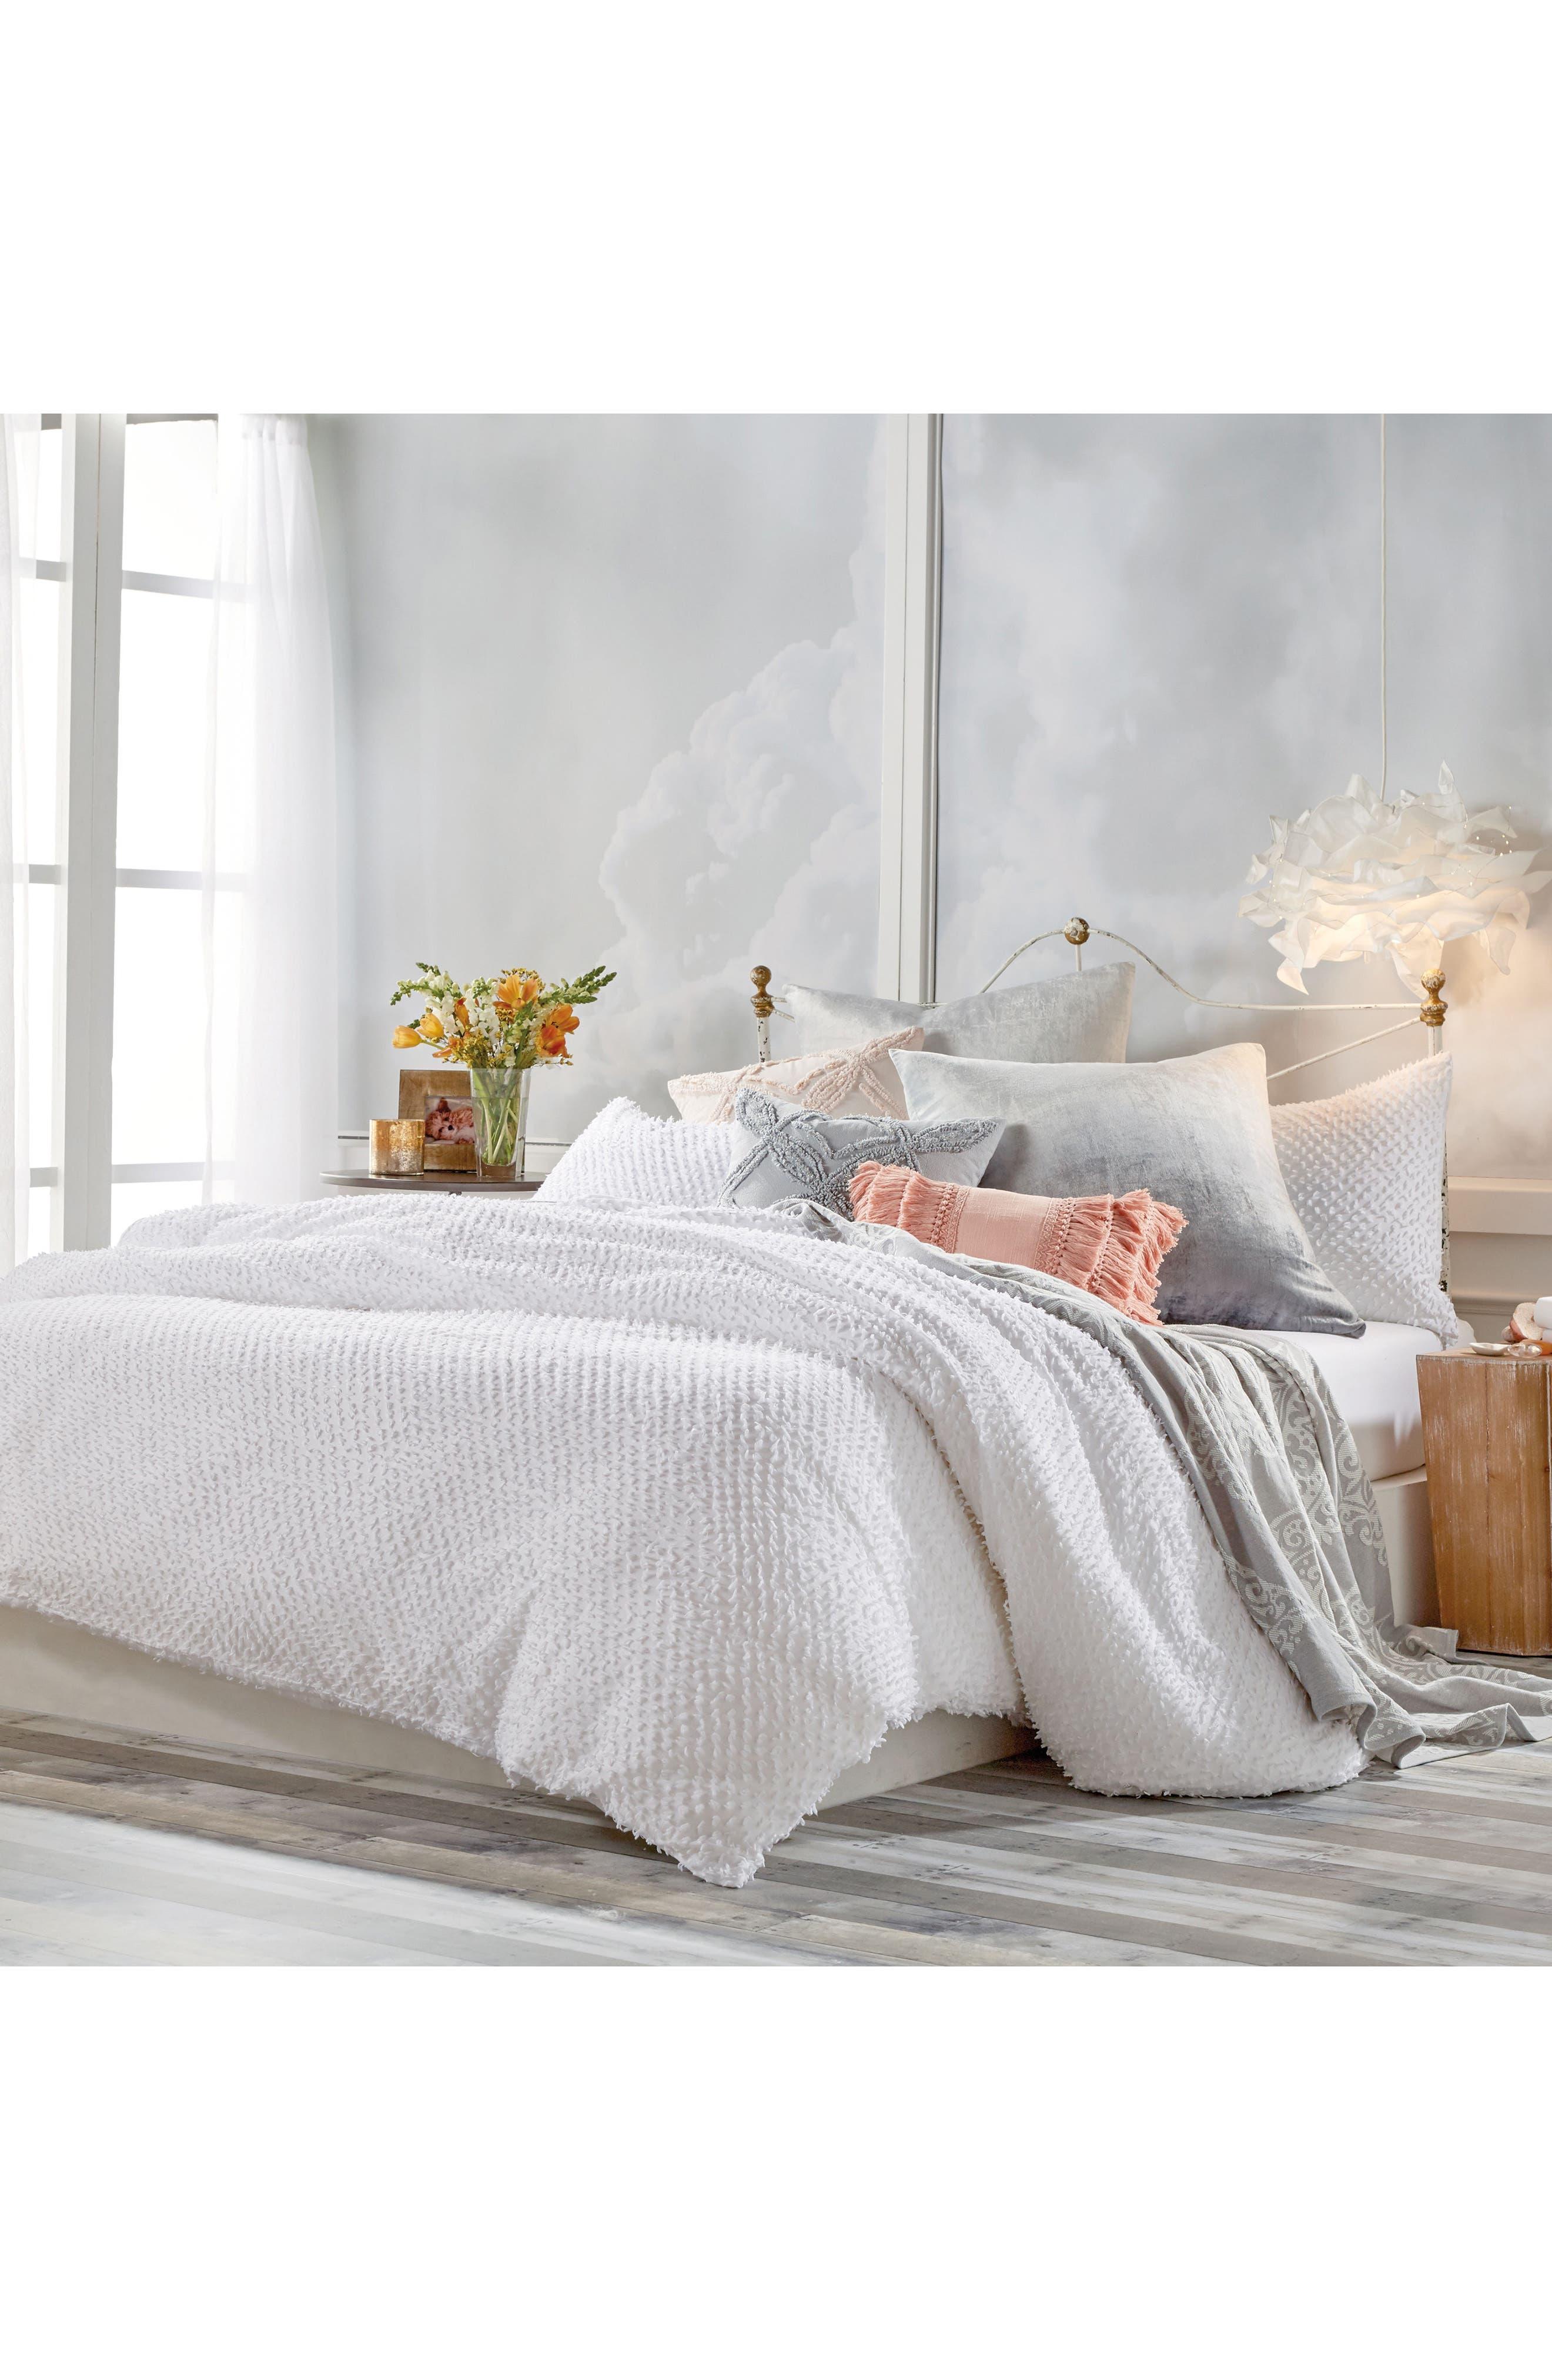 Dot Fringe Comforter & Sham Set,                         Main,                         color,